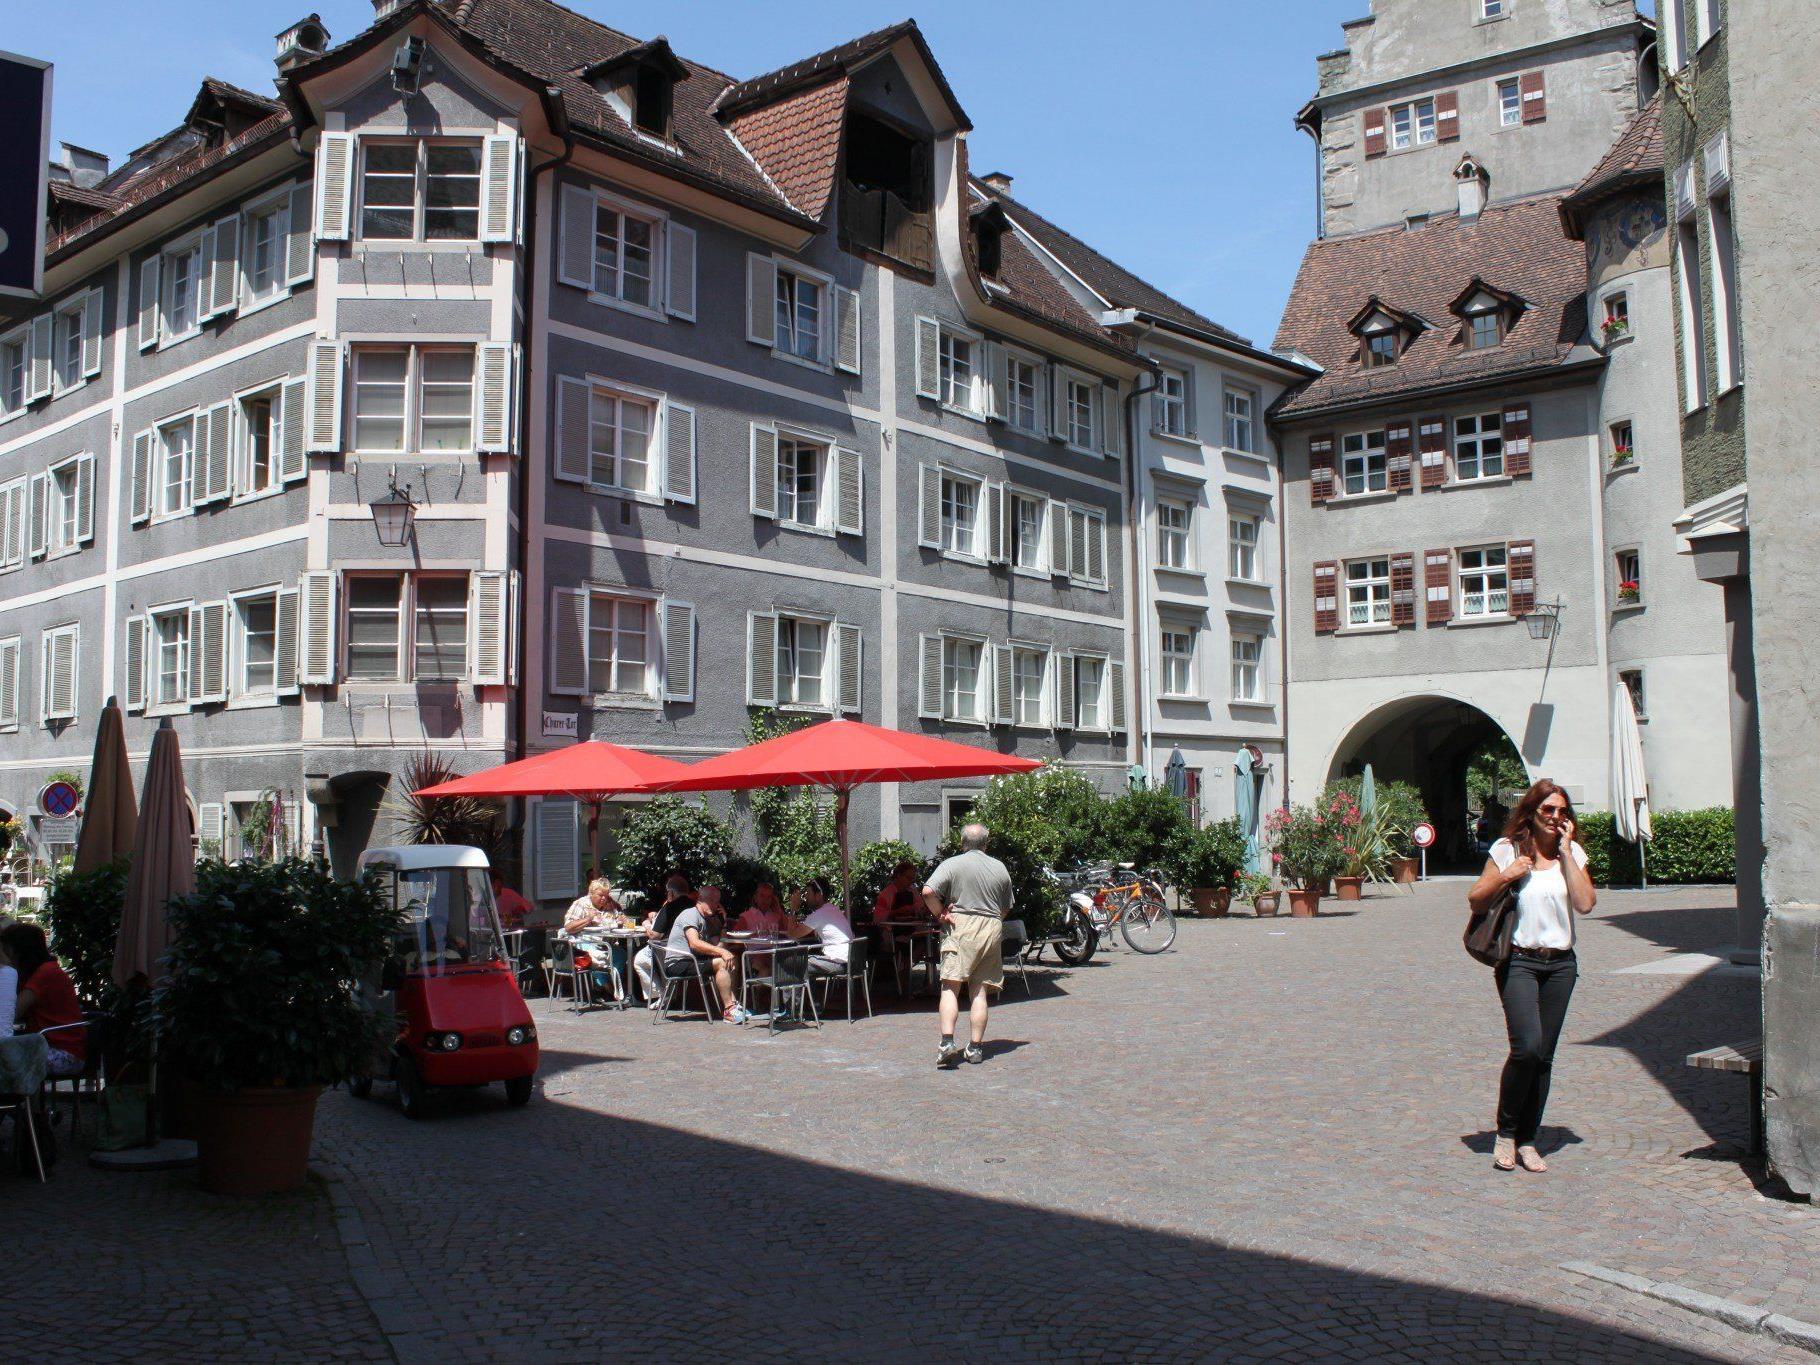 Vor dem Churer Tor sollen Radfahrer, Gastgärten und Veranstaltungen künftig genug Platz finden – dafür wird der Bereich probeweise in die verkehrsberuhigte Zone aufgenommen.